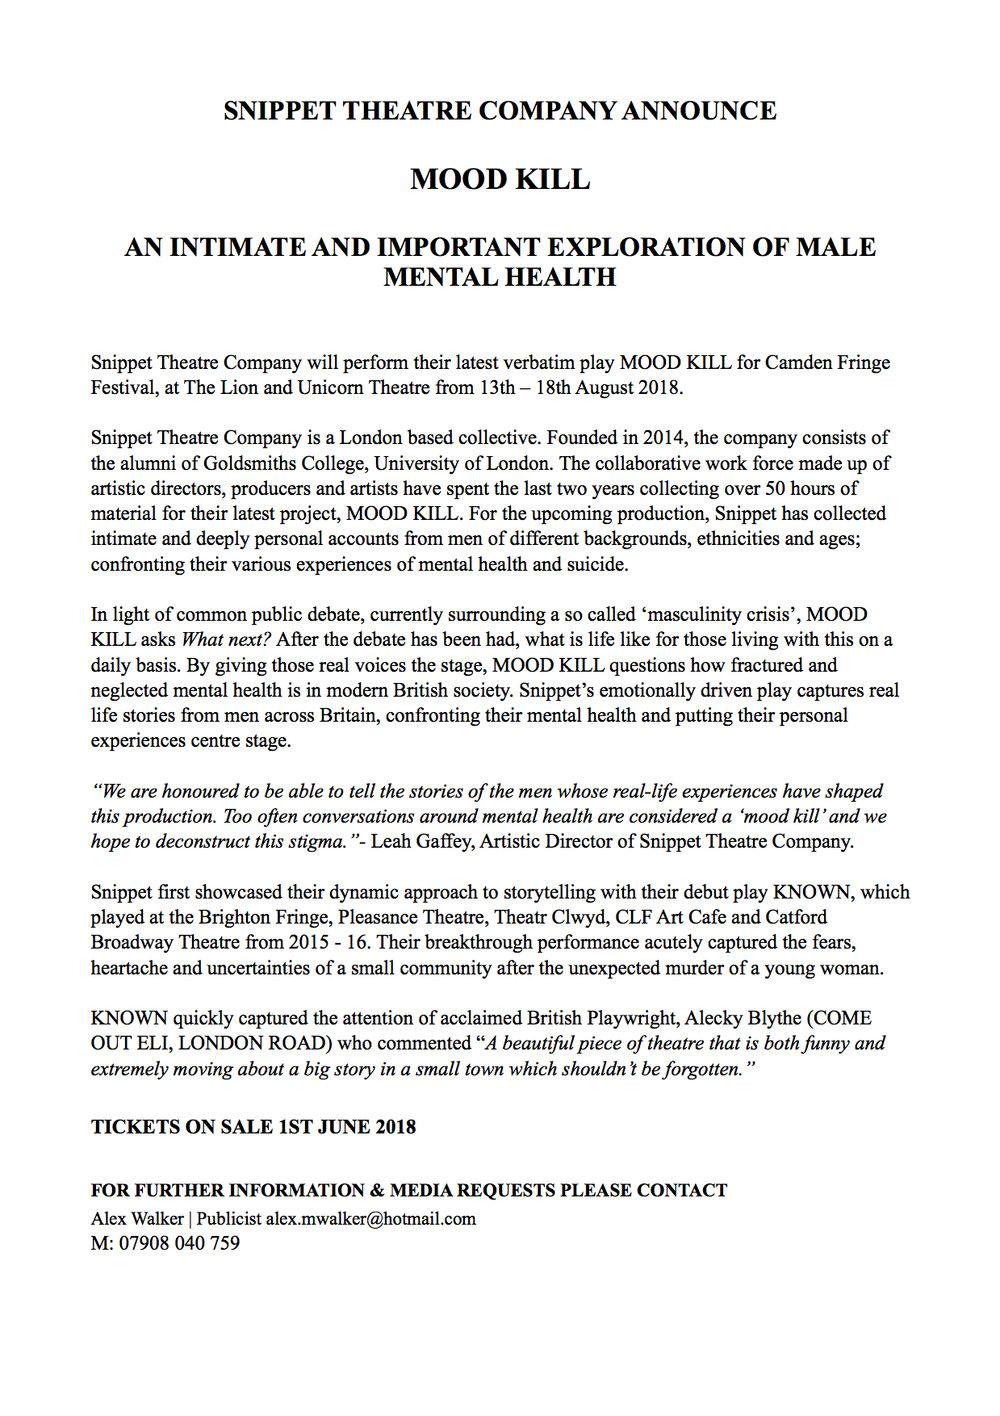 Mood Kill Press Release - Snippet Theatre Company.jpg